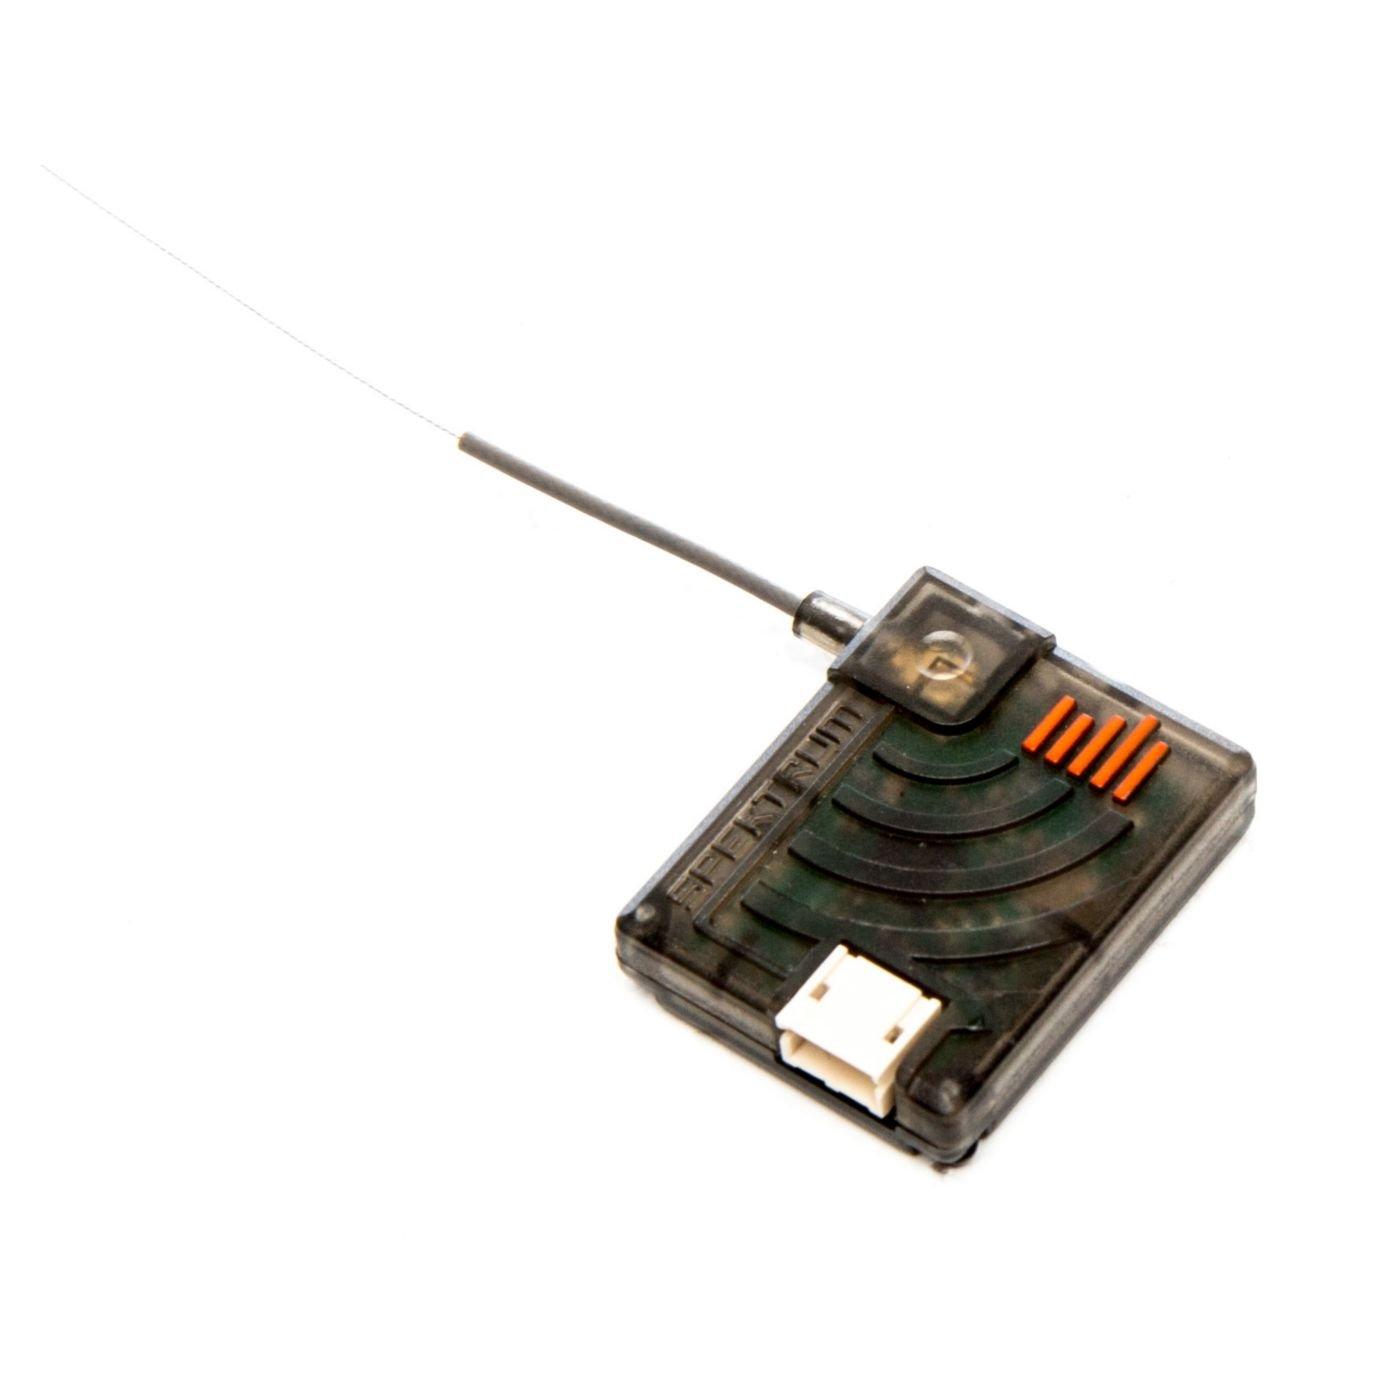 Spektrum DSMX Remote RC Receiver con antena posicionable de 2 vías y 24, extensión, negro